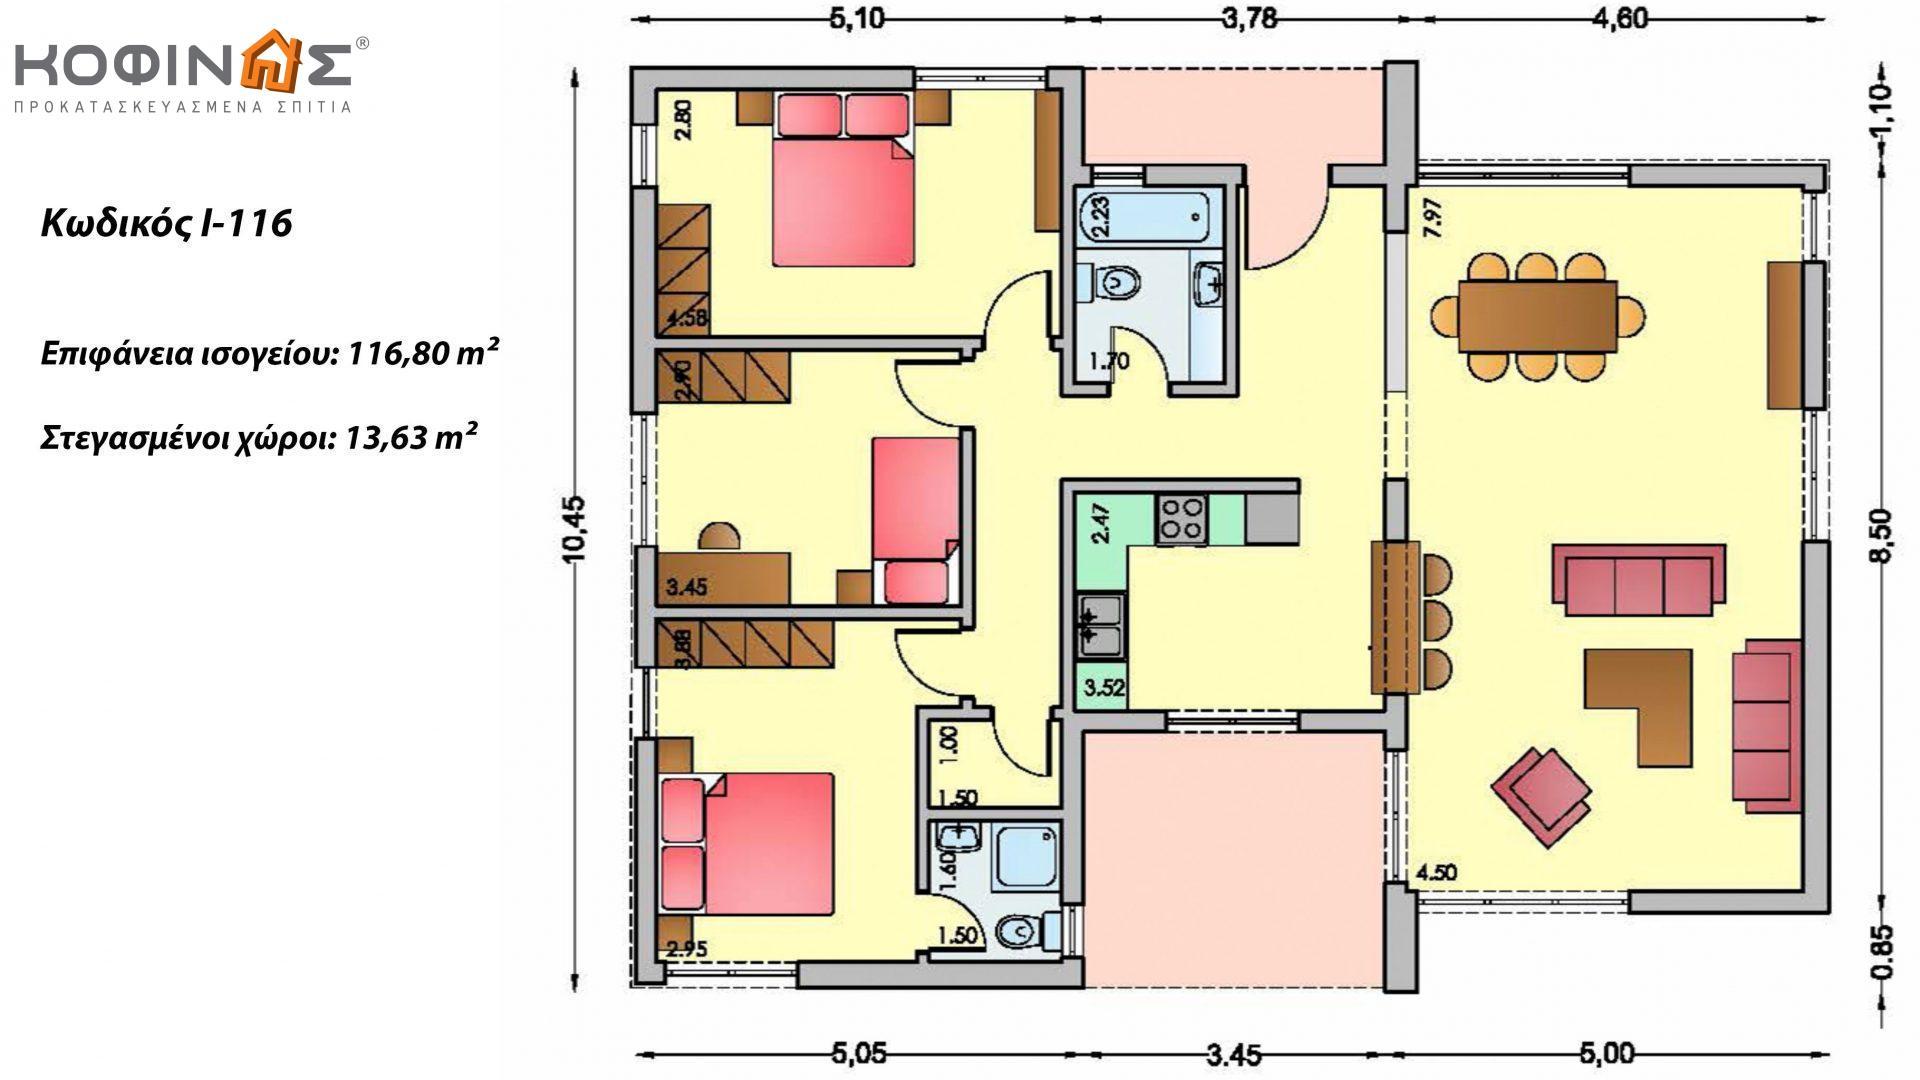 Ισόγεια Κατοικία I-116, συνολικής επιφάνειας 116,80 τ.μ., στεγασμένοι χώροι 13,63 τ.μ.